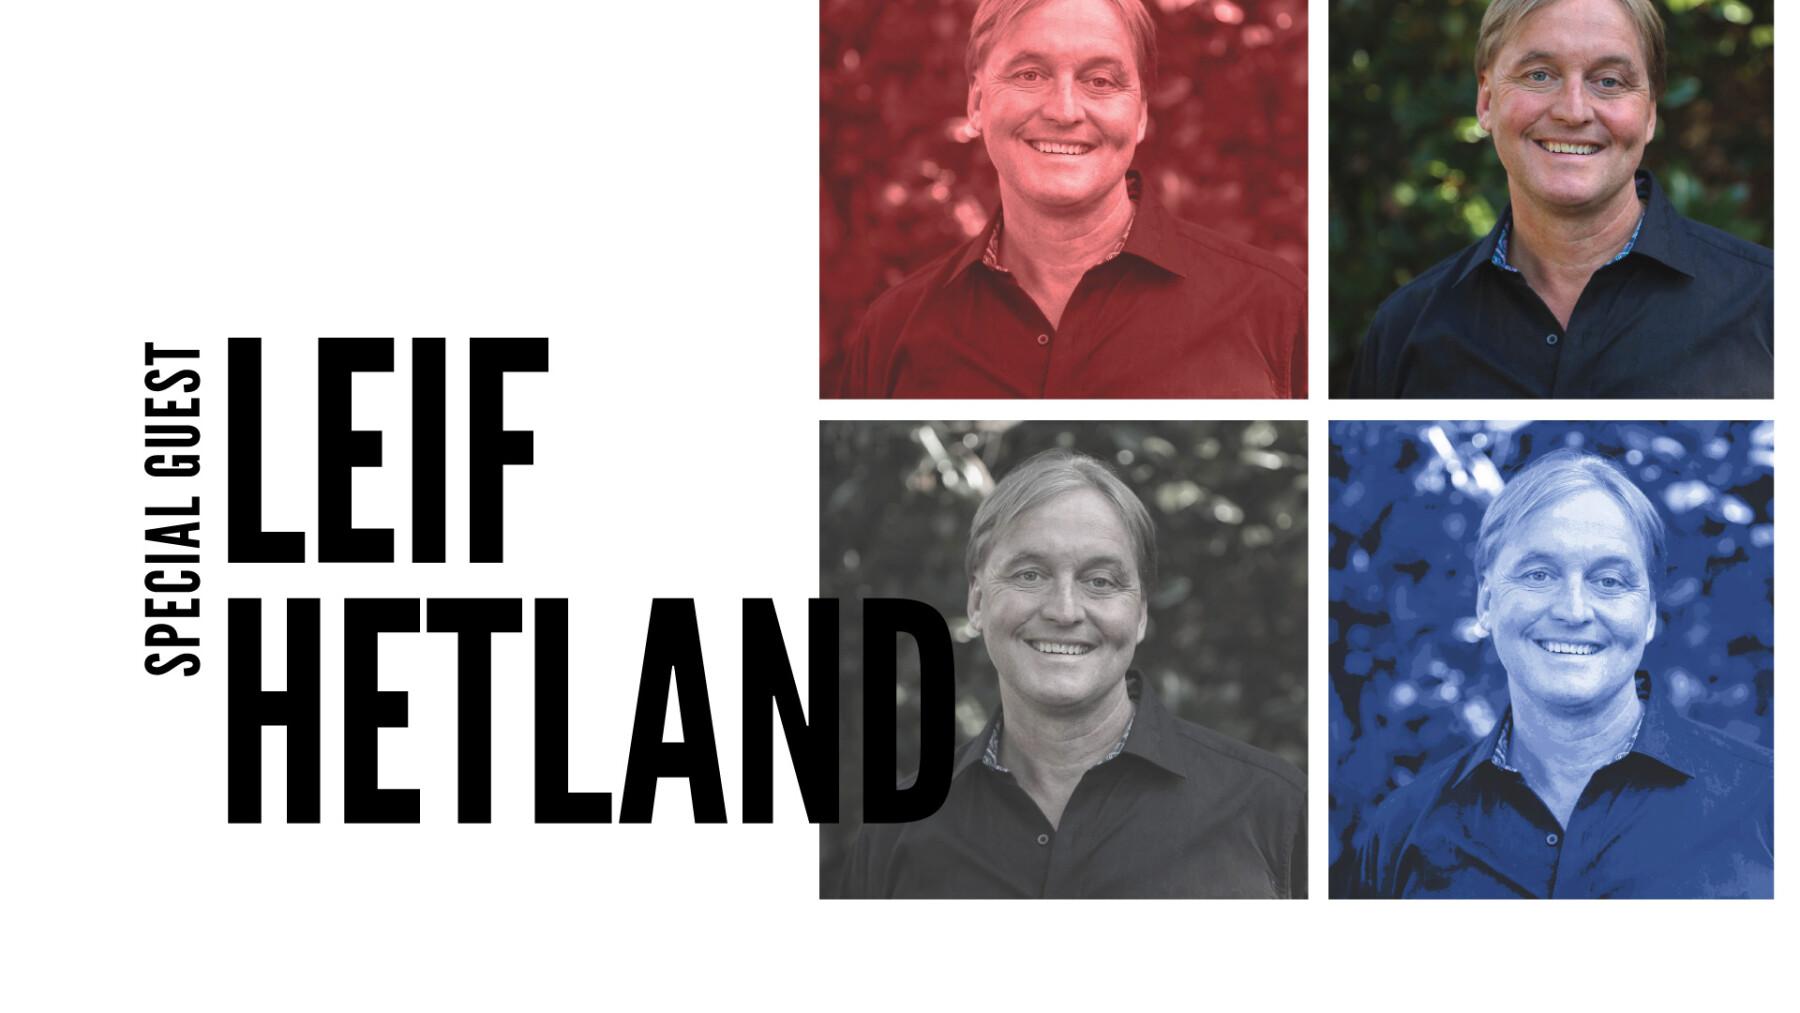 Special Guest: Leif Hetland